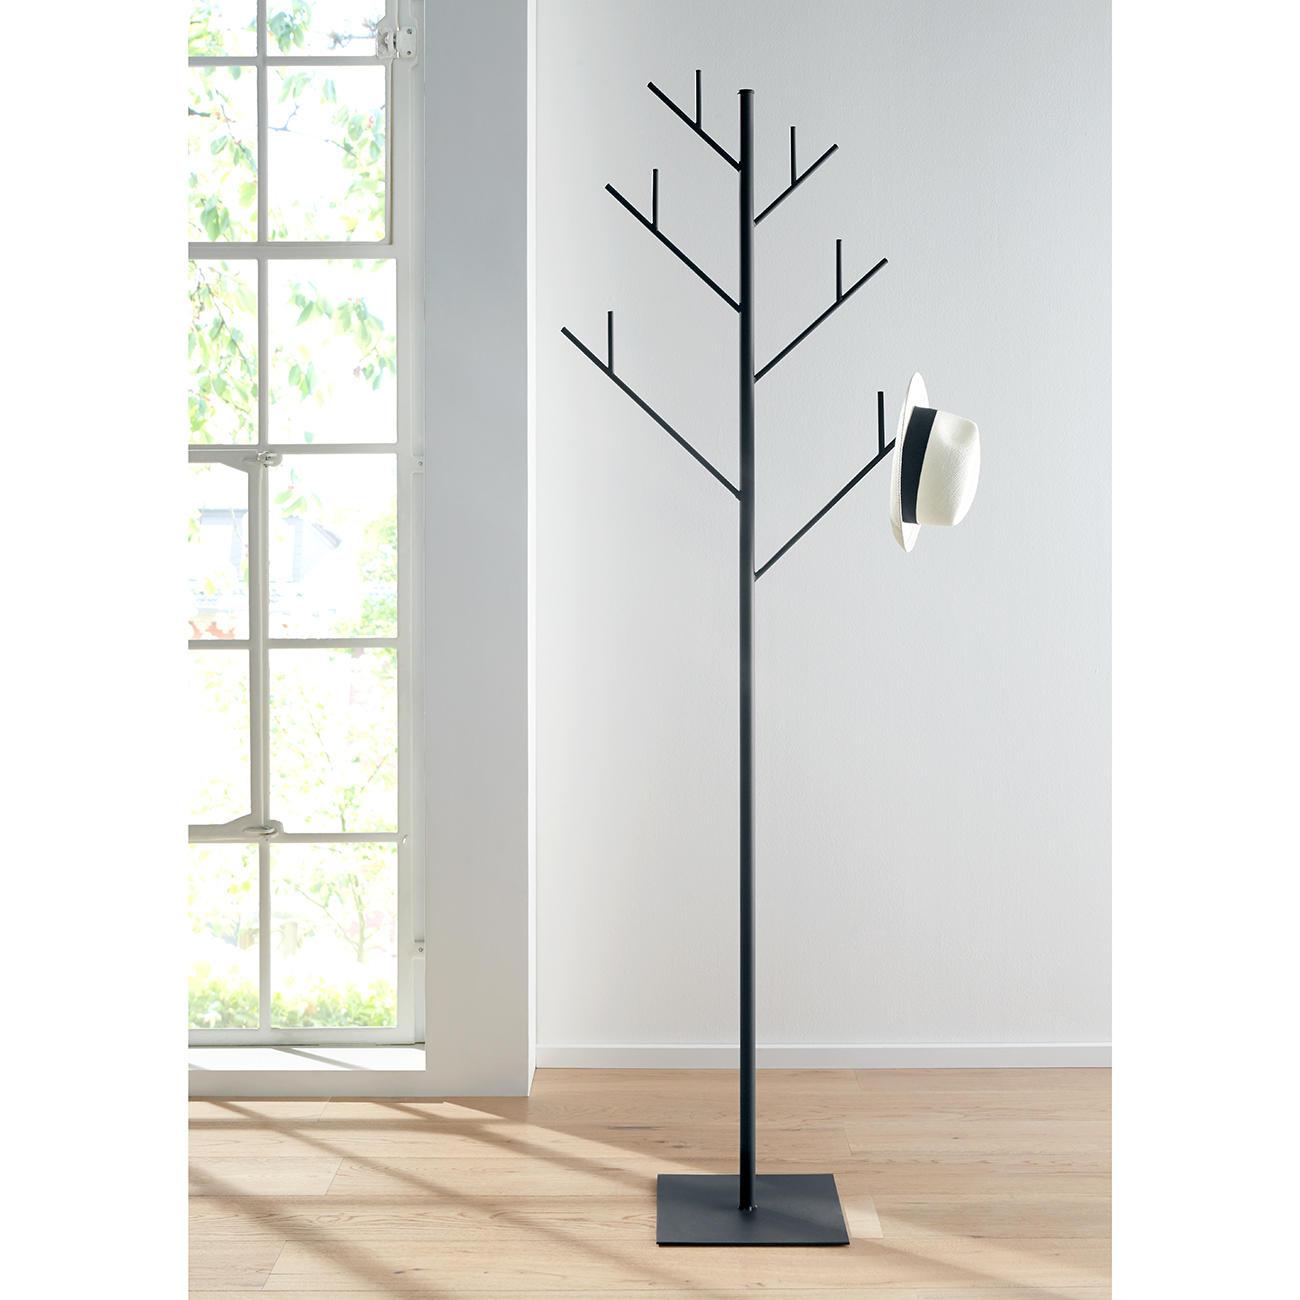 gr nberger wohnmanufaktur wmg eisen kleiderst nder. Black Bedroom Furniture Sets. Home Design Ideas